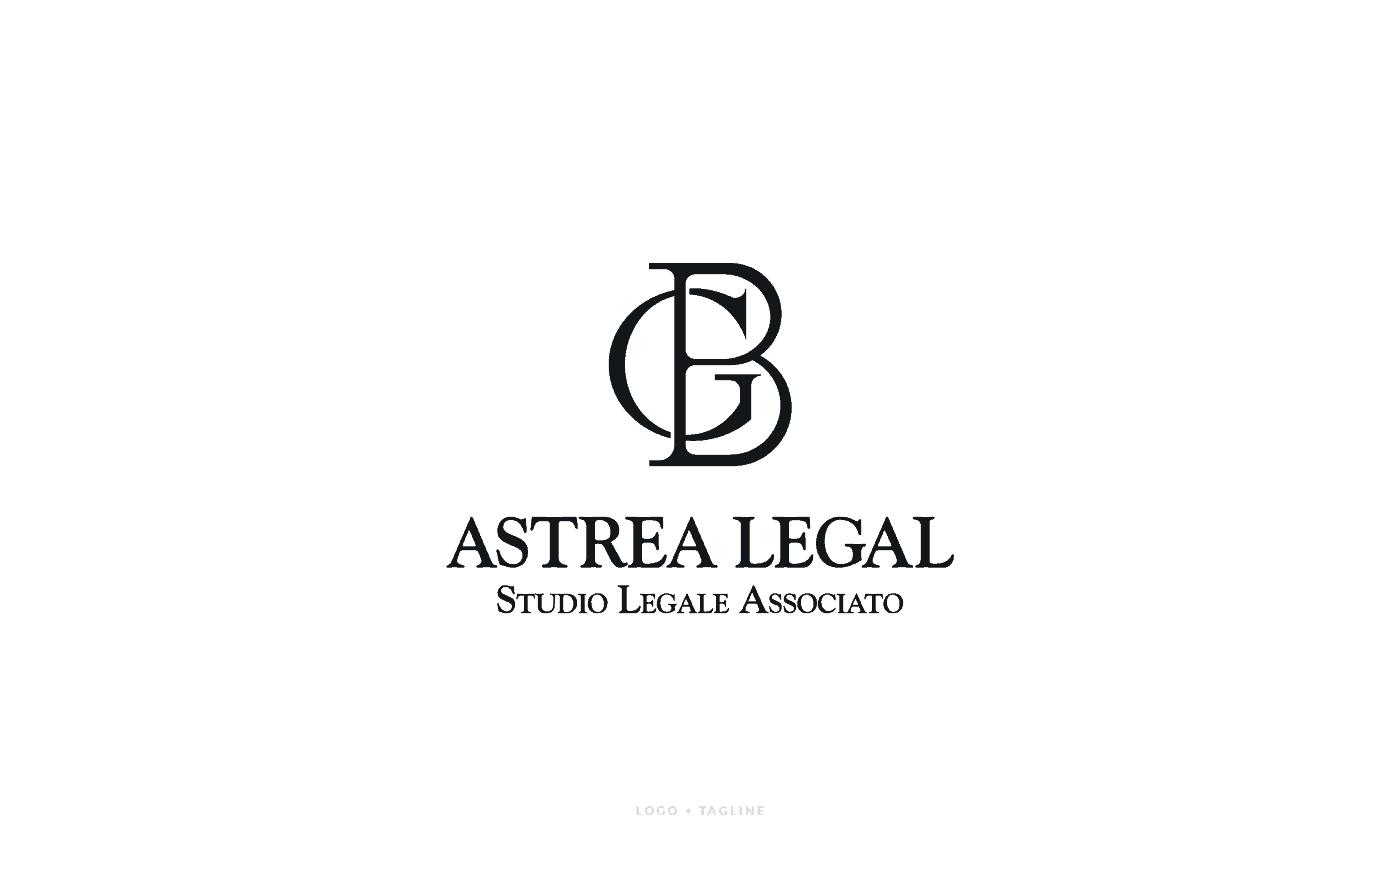 Studio Legale Astrea Logo Tagline